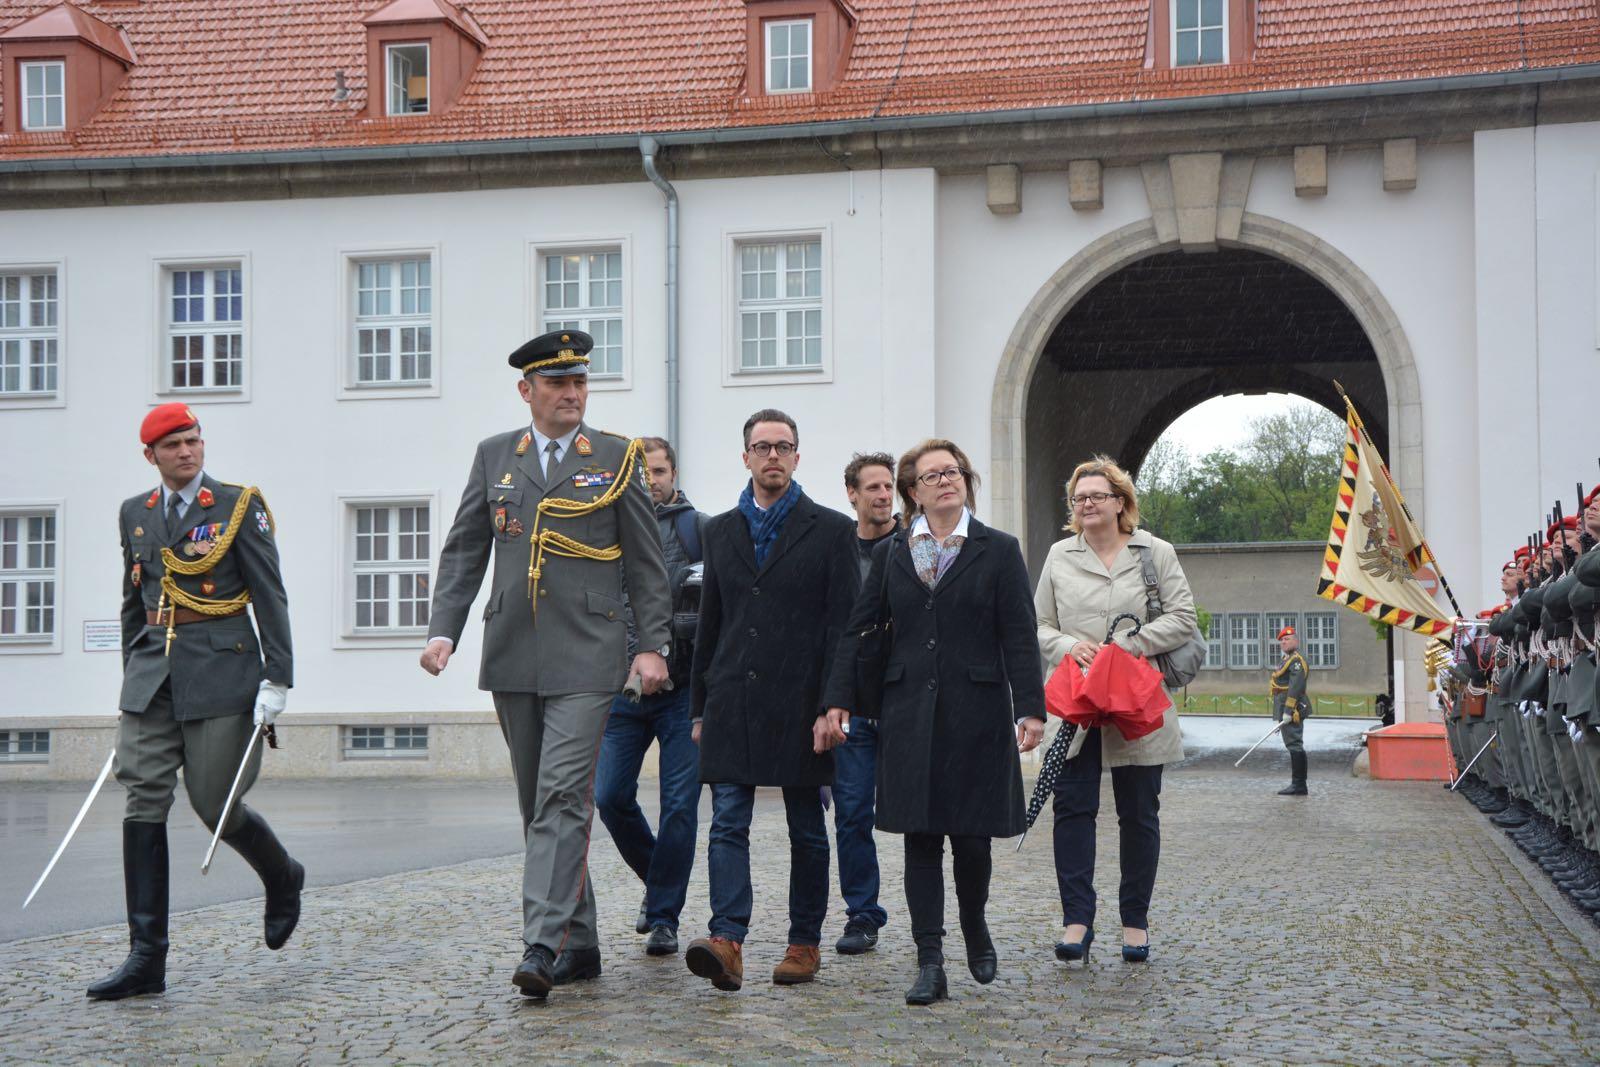 2019_04_30_Besuch_Staatsanwaltschaft - 22 of 25